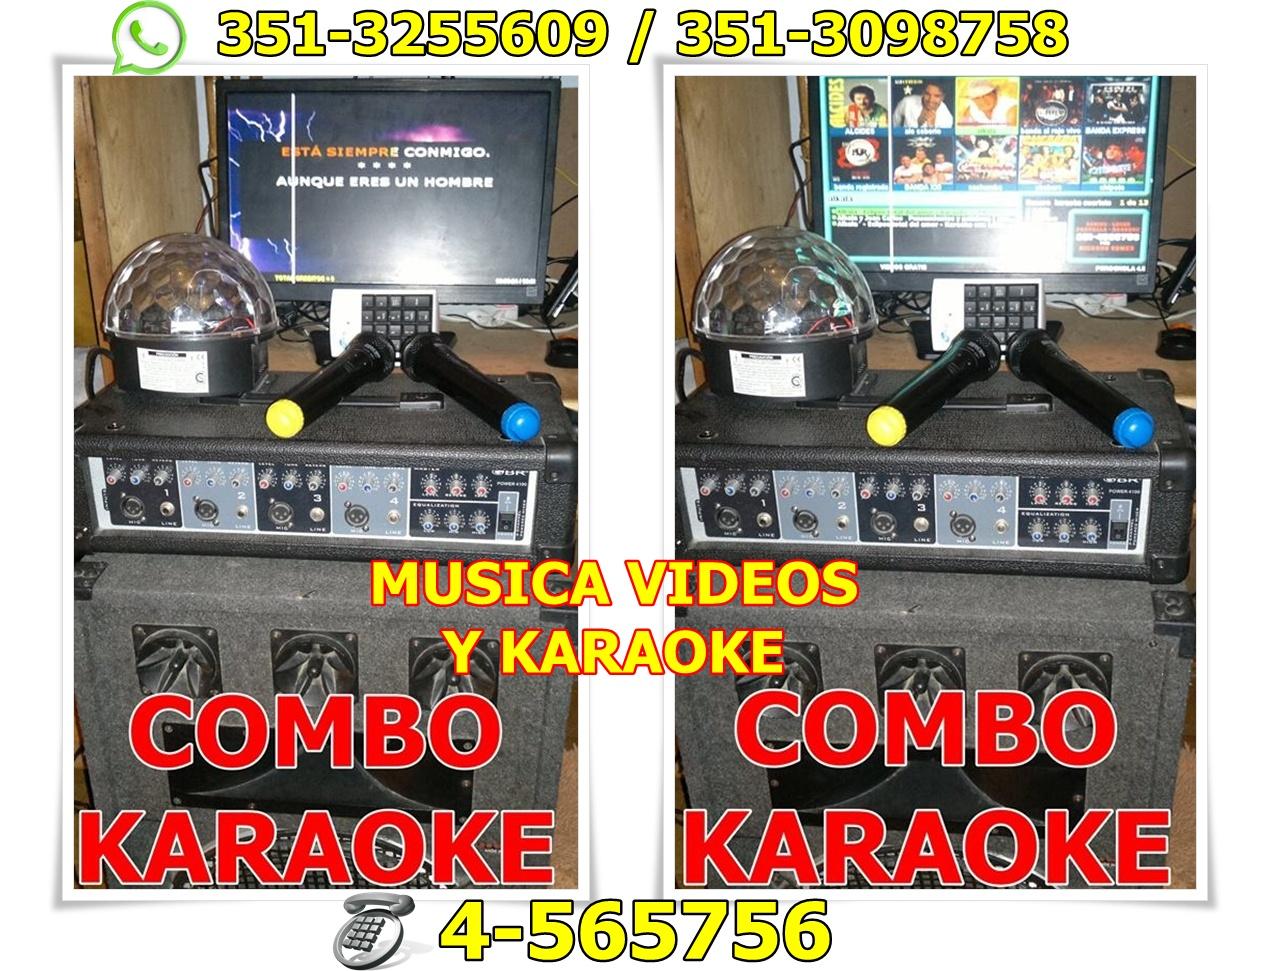 COMBO KARAOKE, MUSICA Y VIDEOS